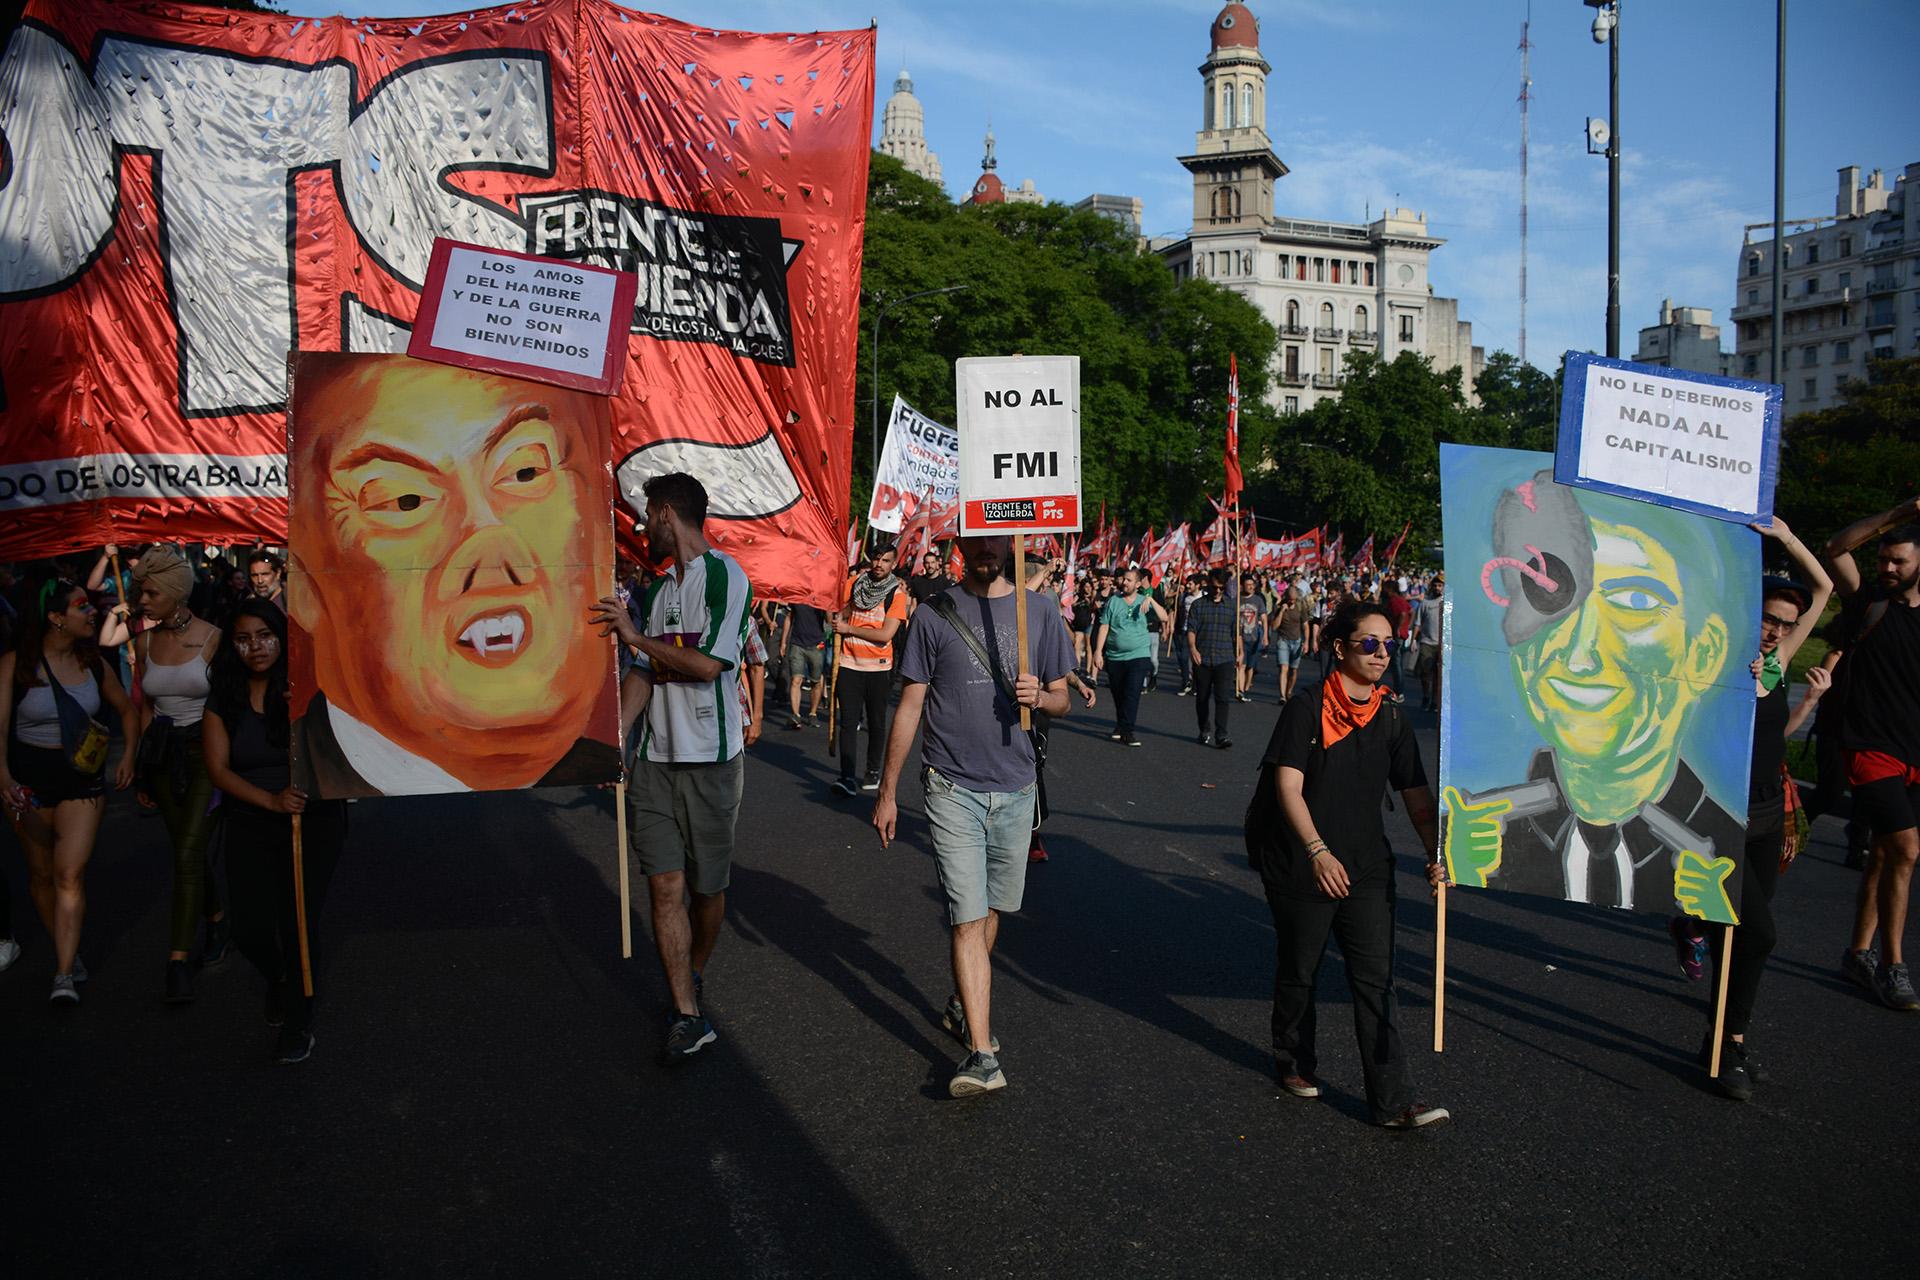 Algunos de los carteles y banderas que utilizaron para el reclamo